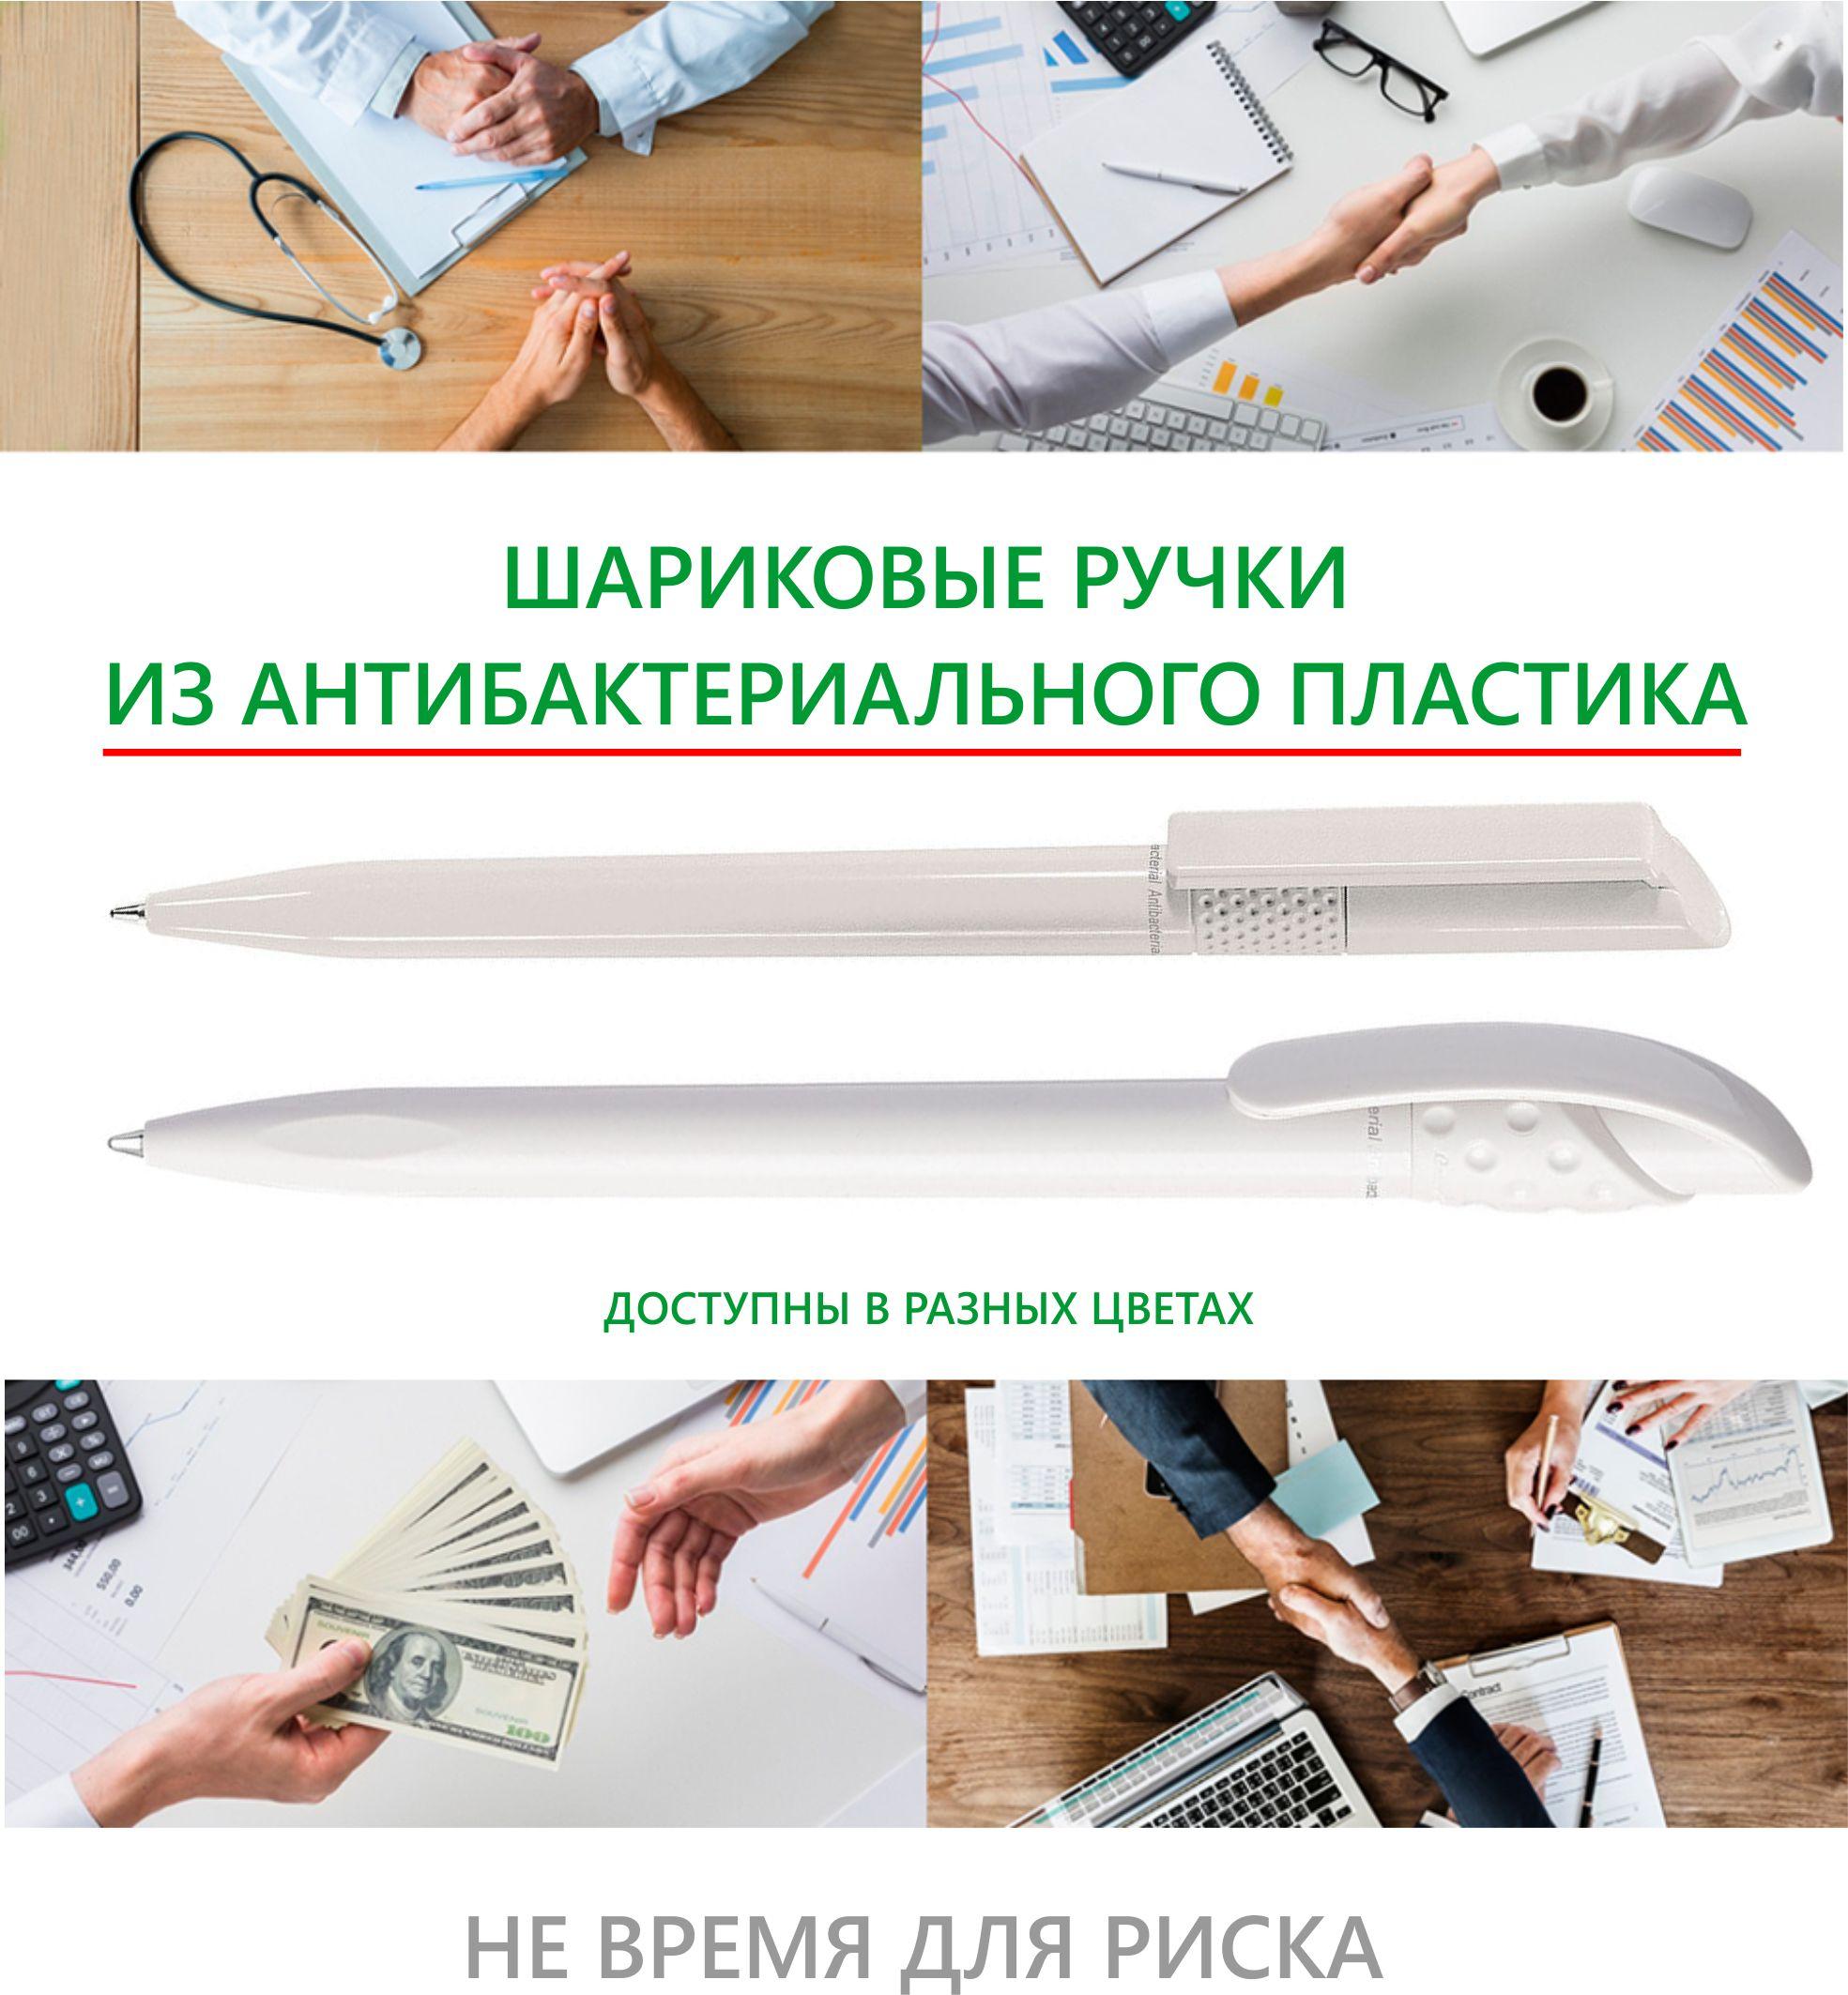 ручки с антибактериальным эффектом